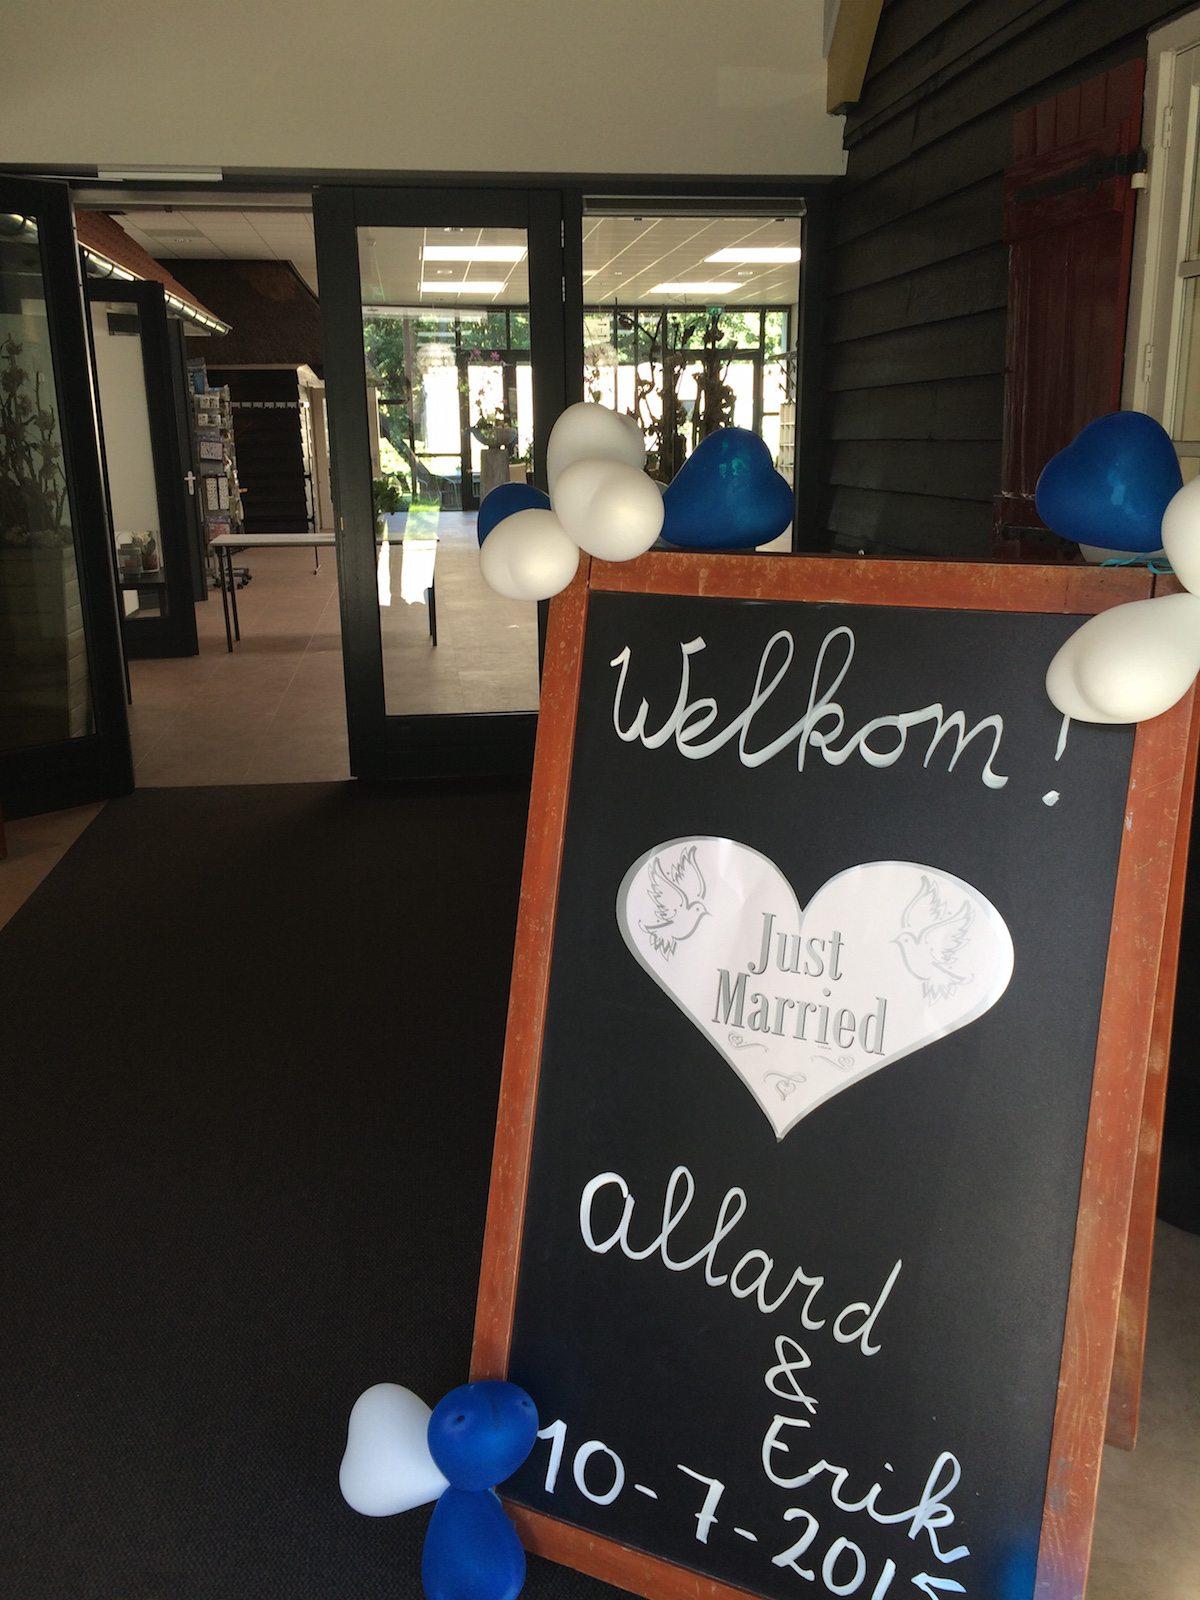 Een warm welkom voor Allard & Erik!